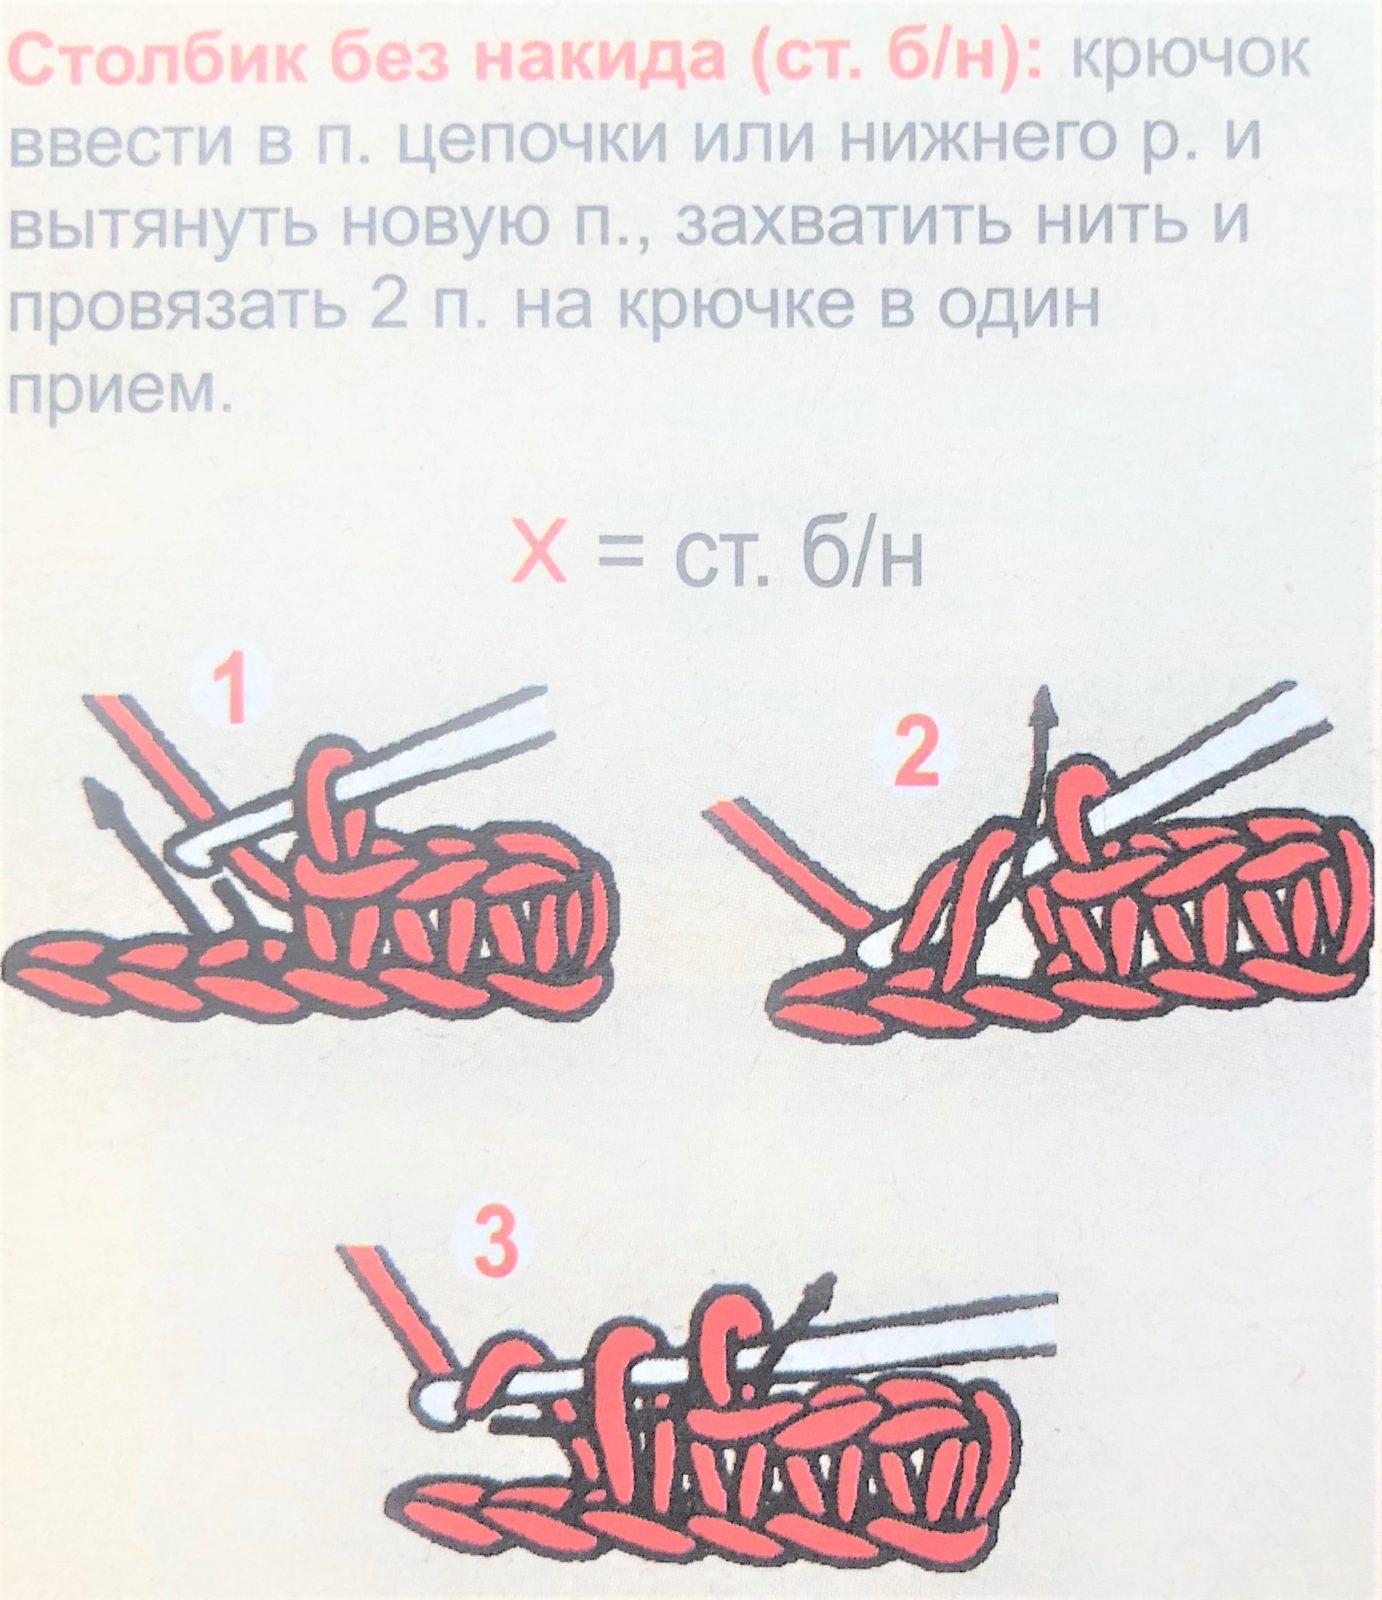 Столбик без накида